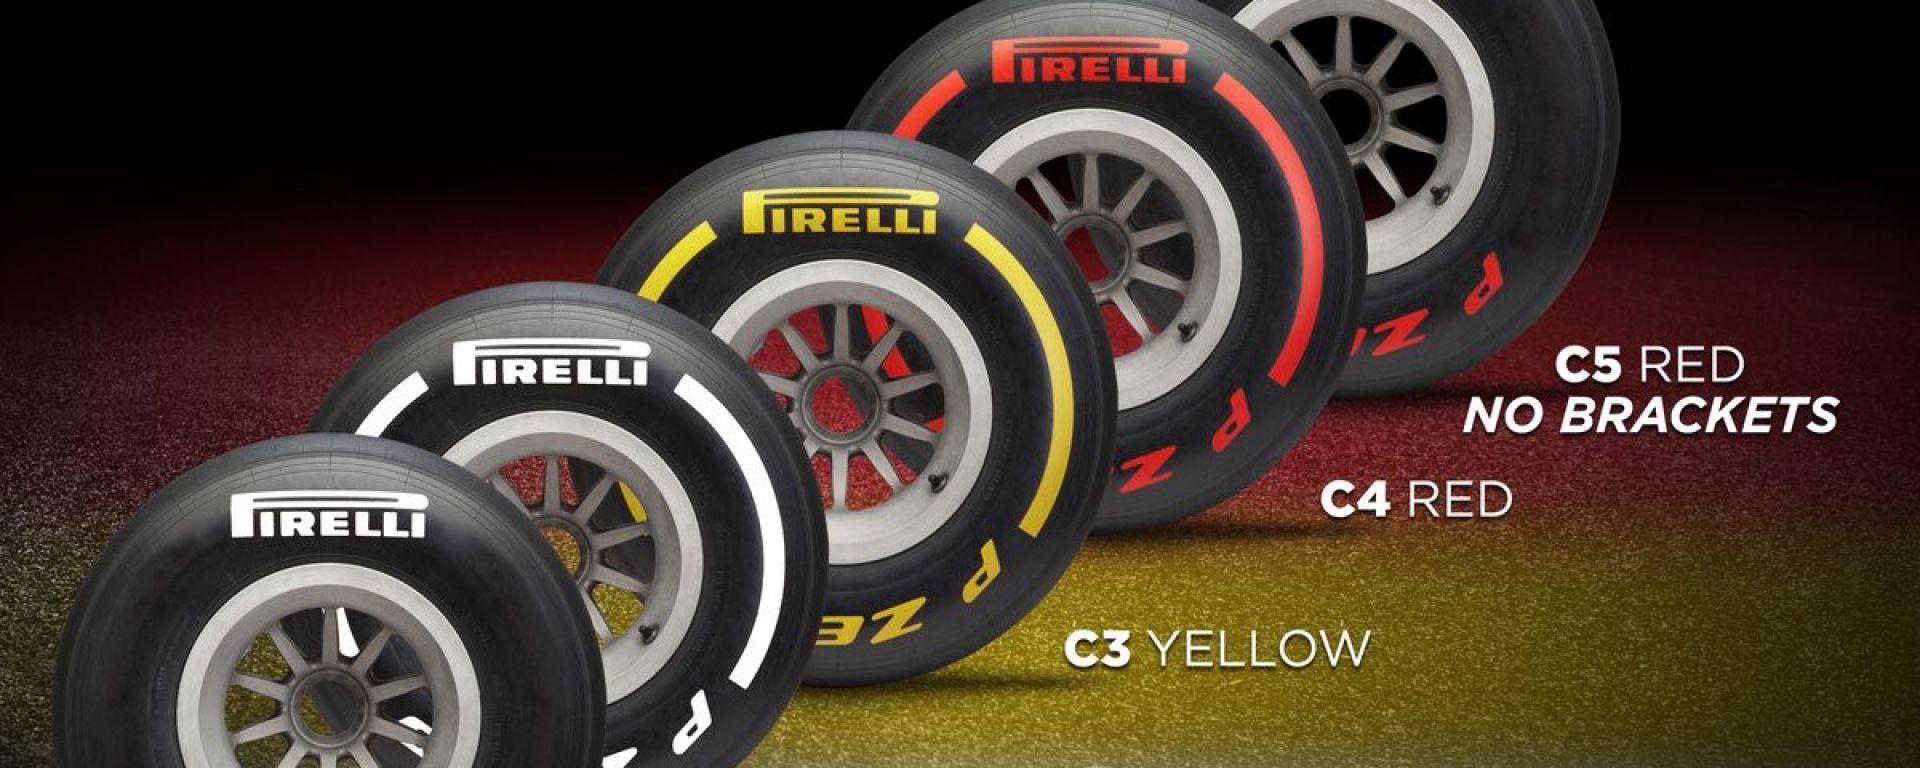 Test F1, Pirelli porterà tutte e 5 le mescole a Barcellona